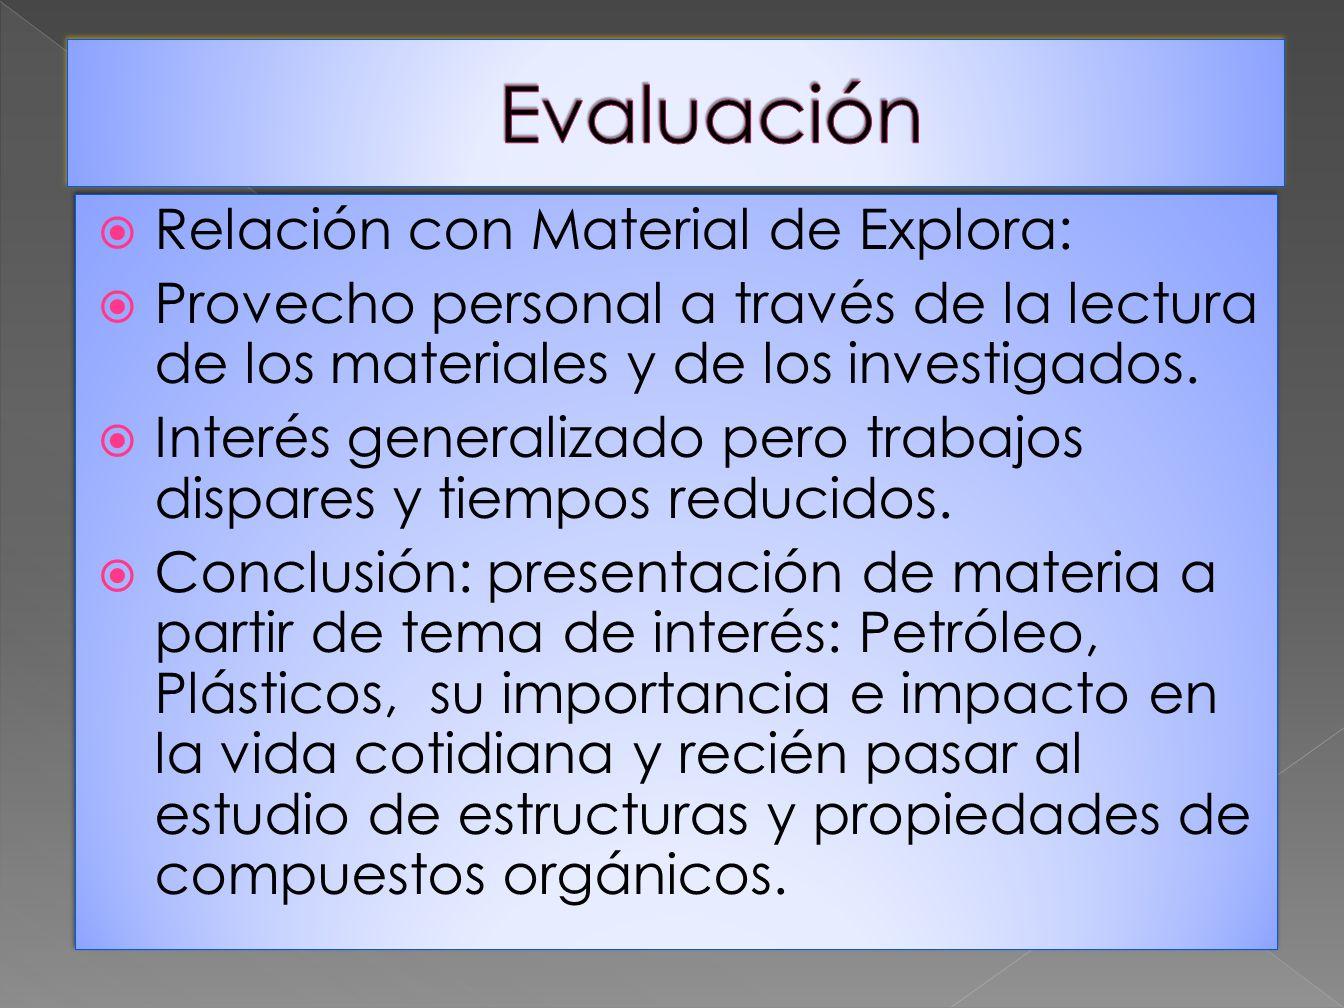 Relación con Material de Explora: Provecho personal a través de la lectura de los materiales y de los investigados. Interés generalizado pero trabajos